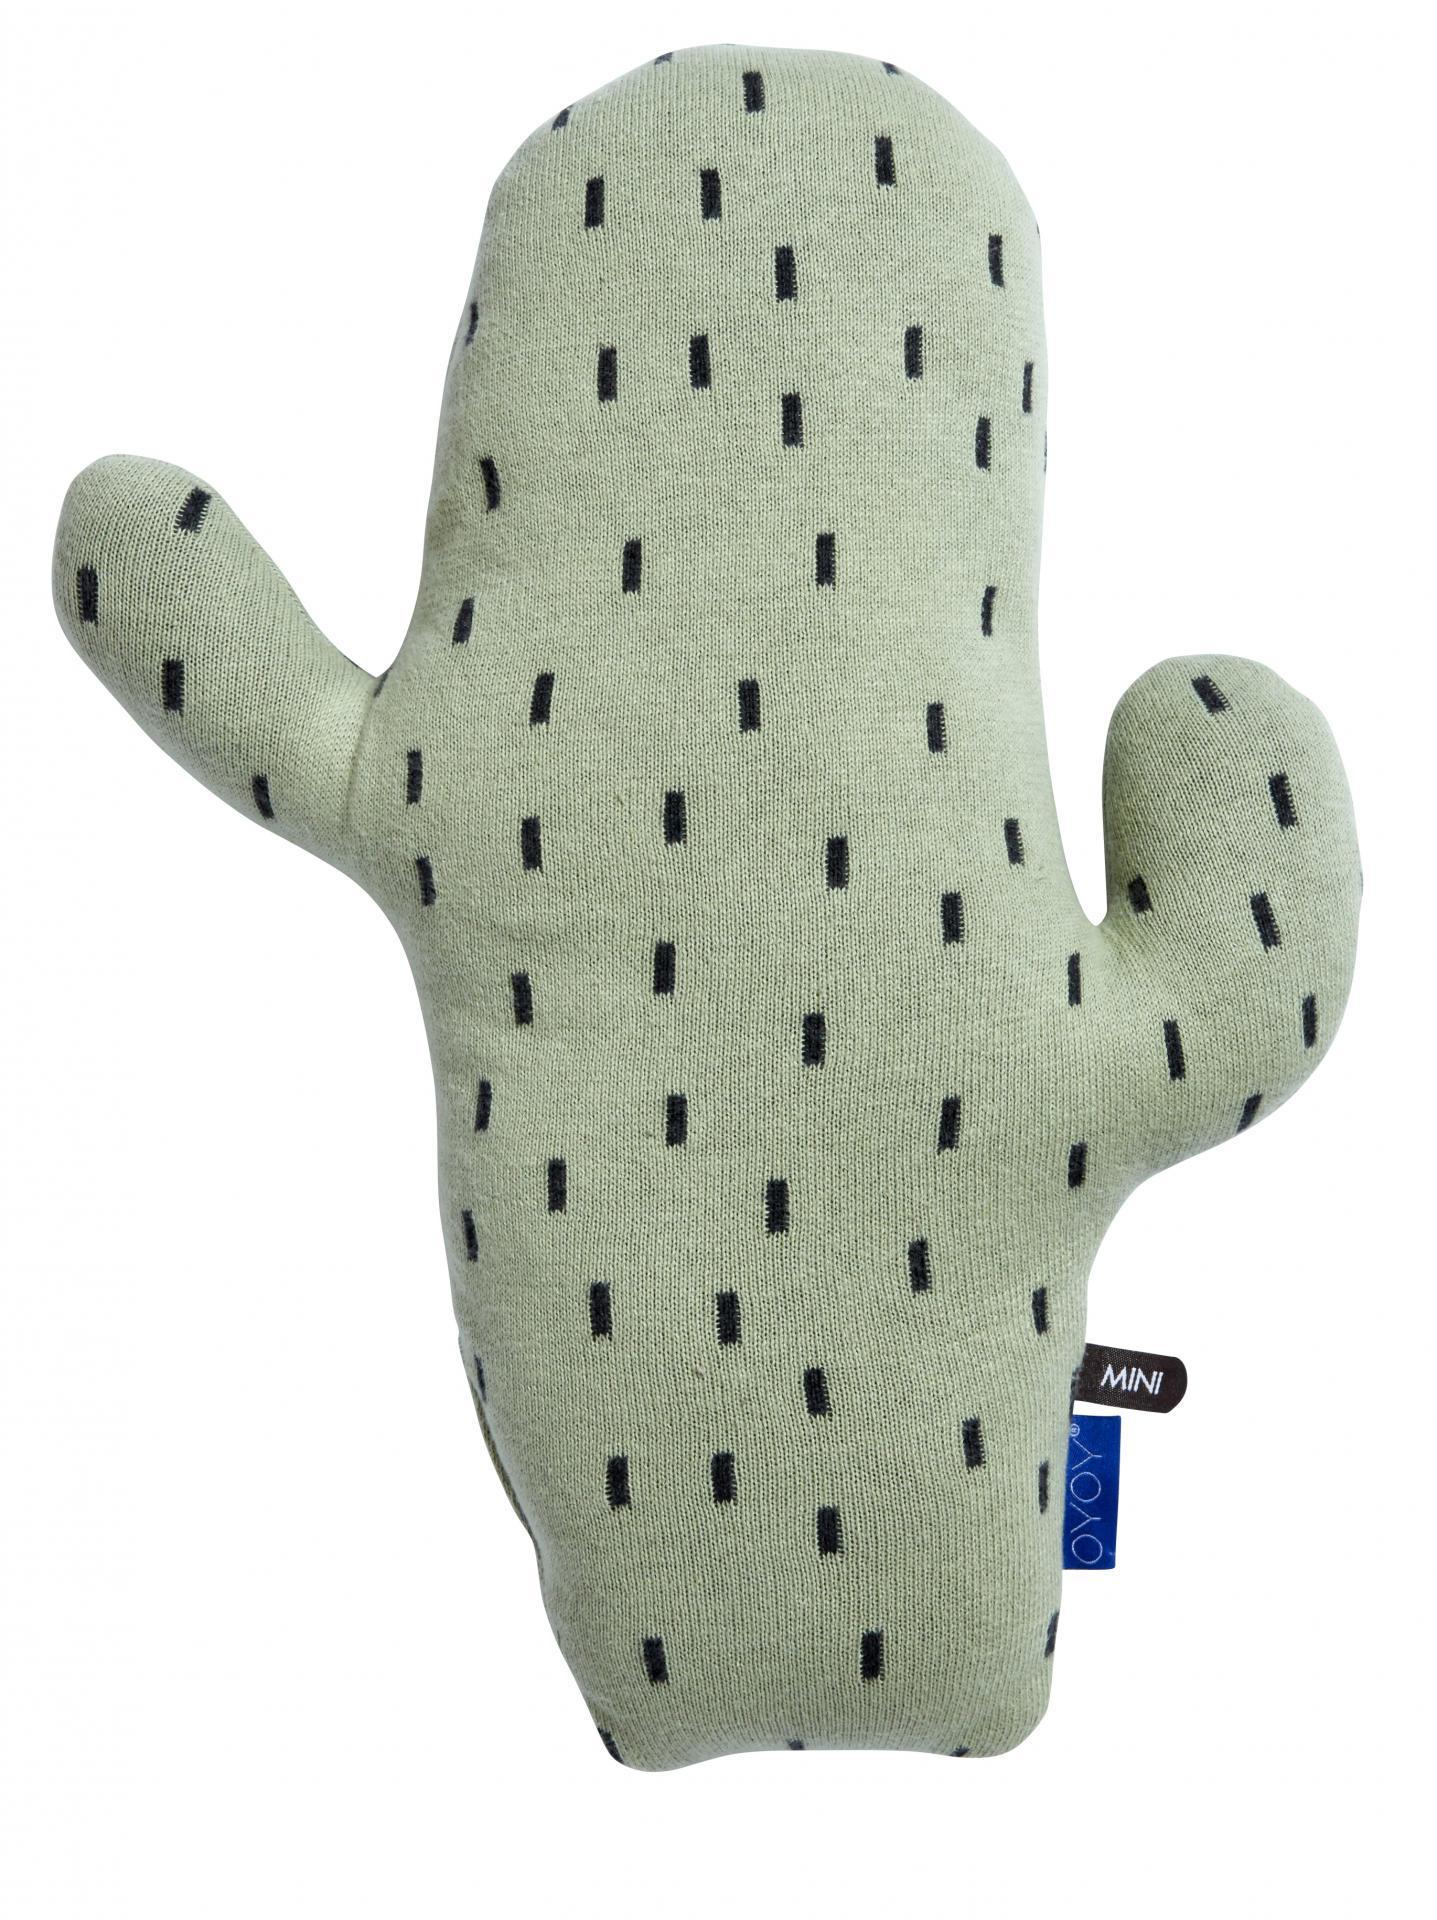 OYOY Dětský polštářek Cactus Pale mint, zelená barva, textil